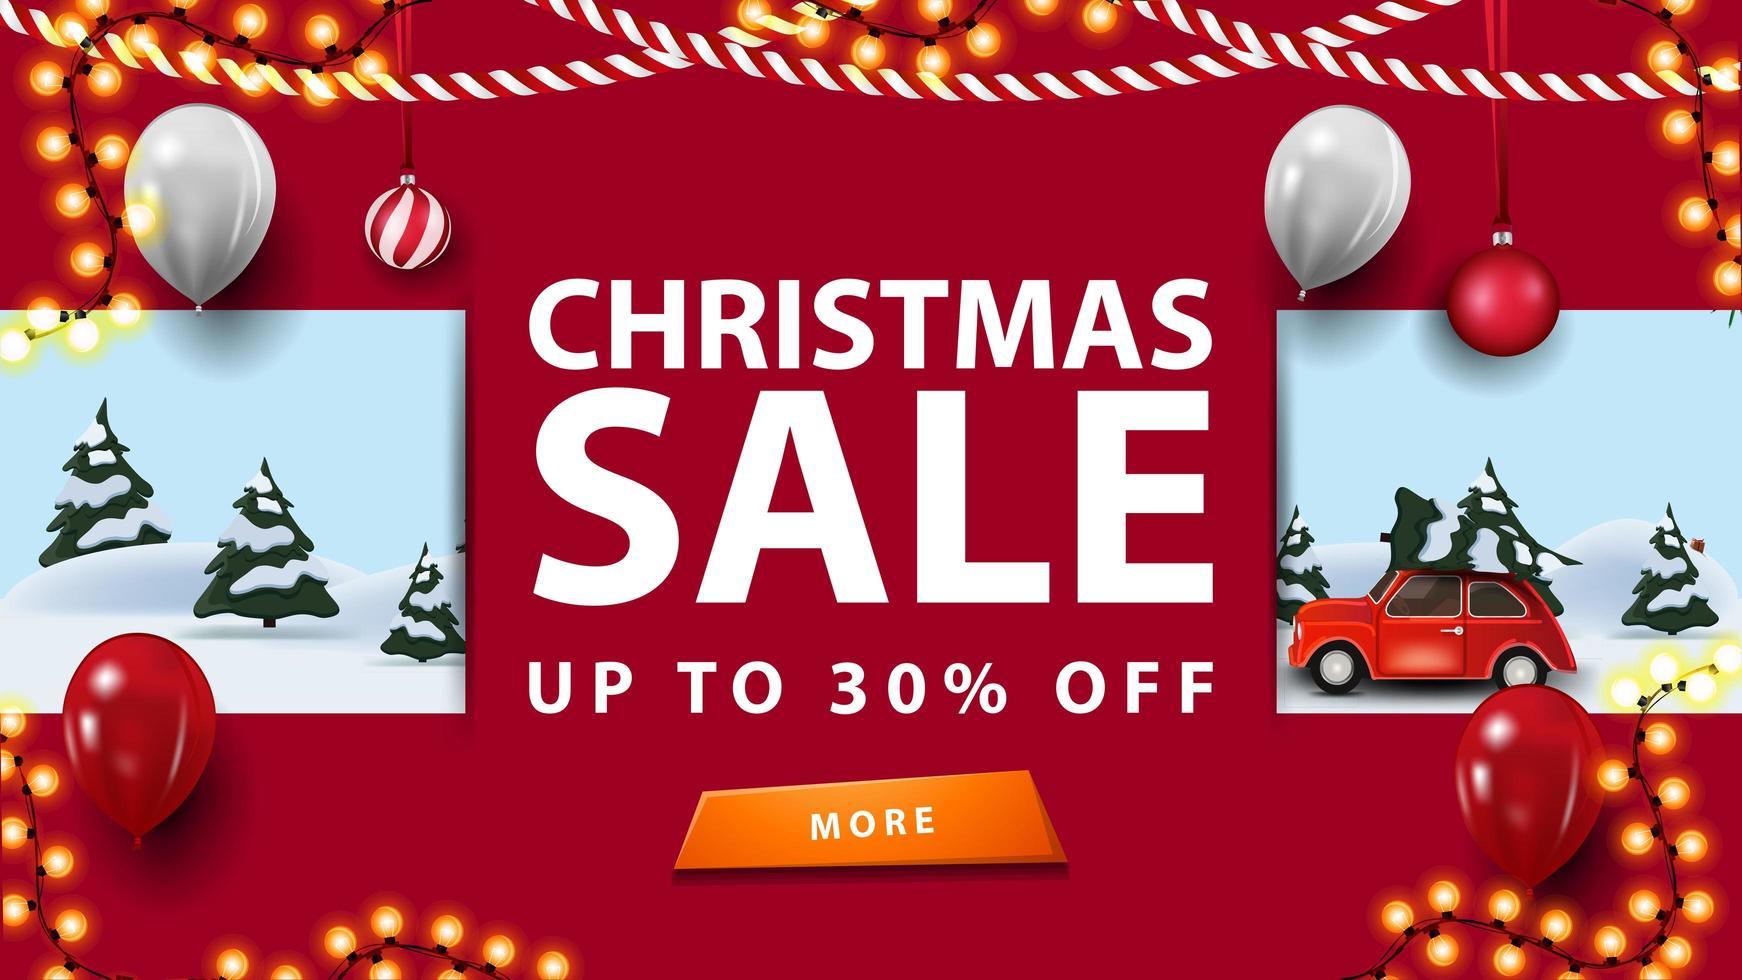 Weihnachtsverkauf, bis zu 30 Rabatt, rotes Rabatt-Banner mit Girlanden, Knopf und Cartoon-Winterlandschaft vektor